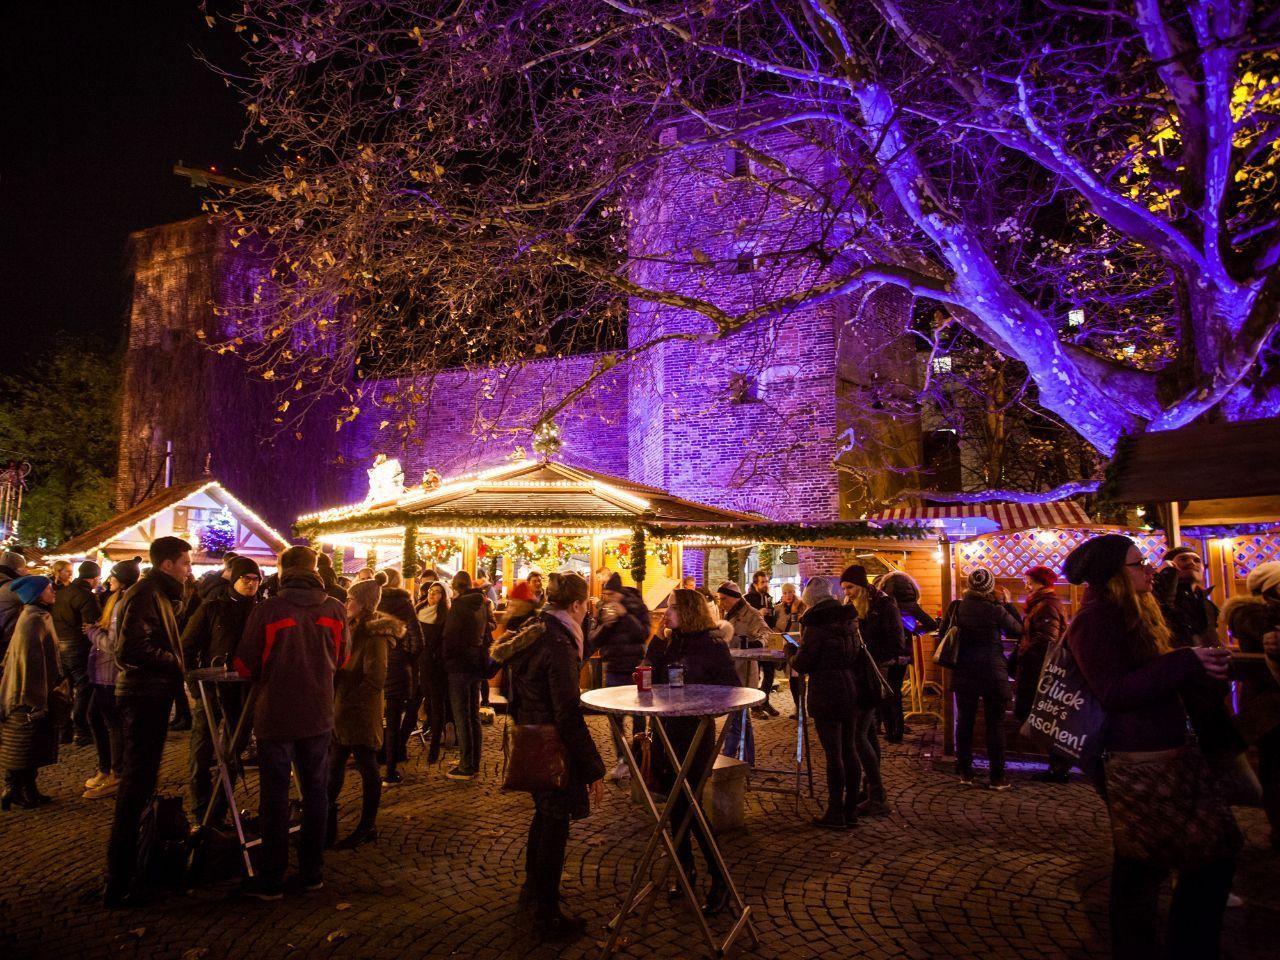 Mercado de Navidad de Sendlingertor @Muenchen.de : Monica Garduño